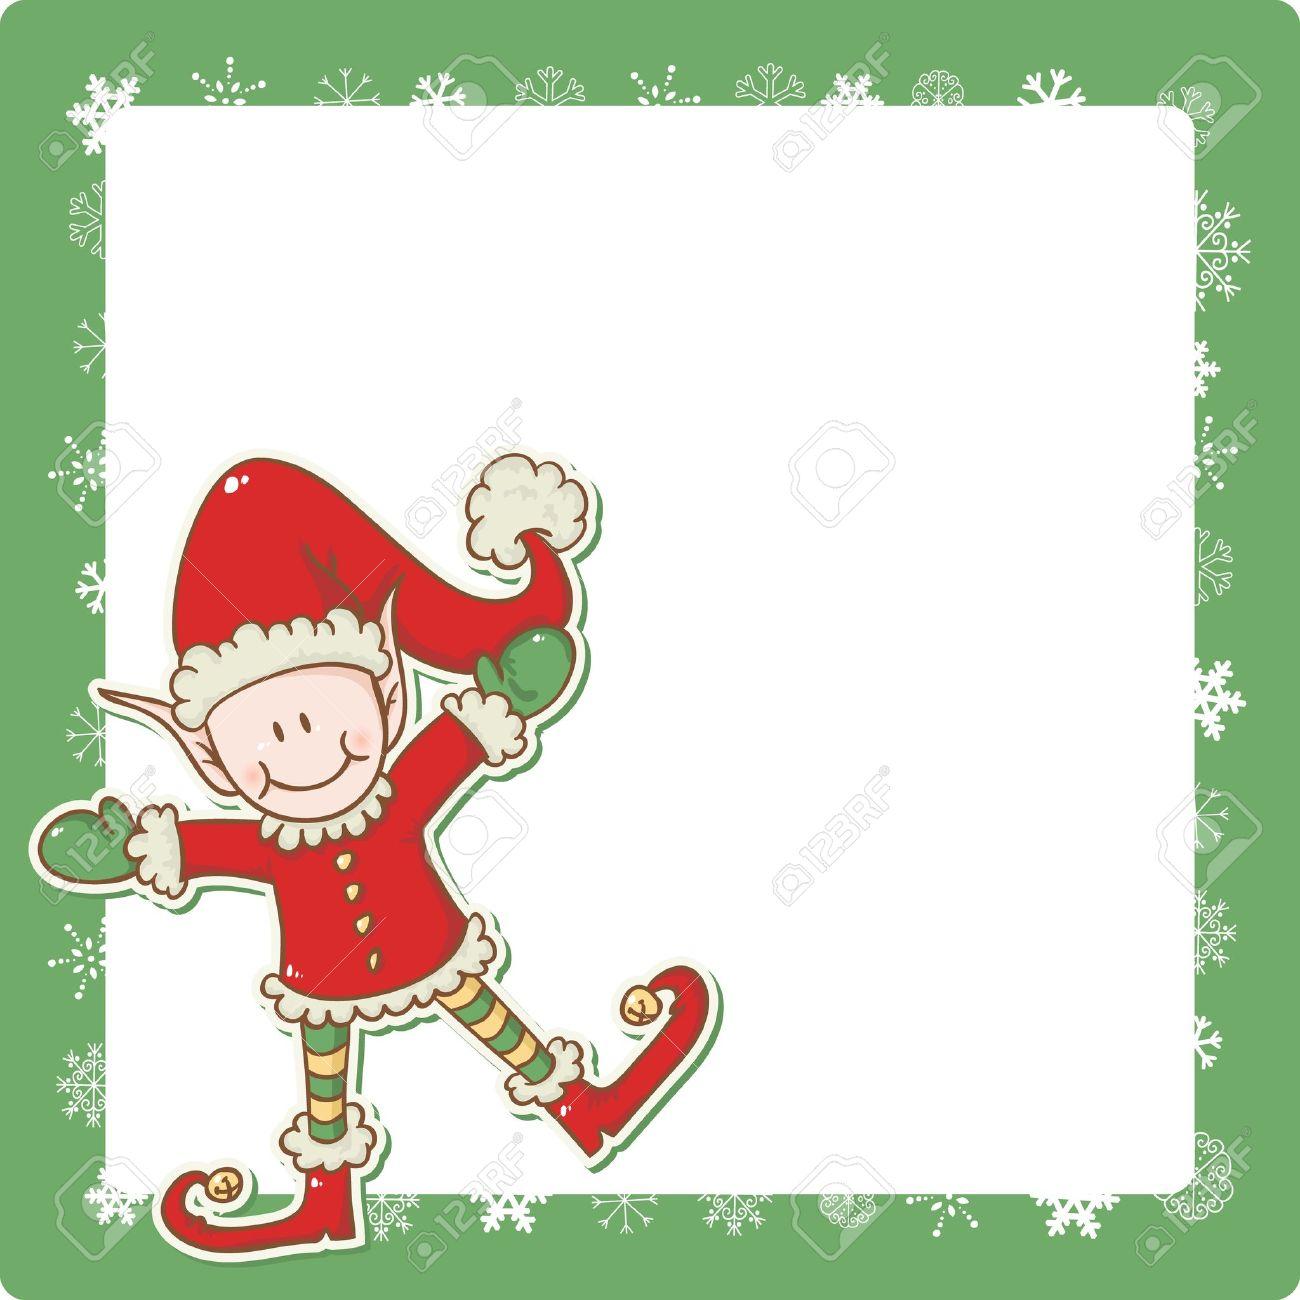 Christmas card with cute little elf Santa helper Stock Vector - 16234176